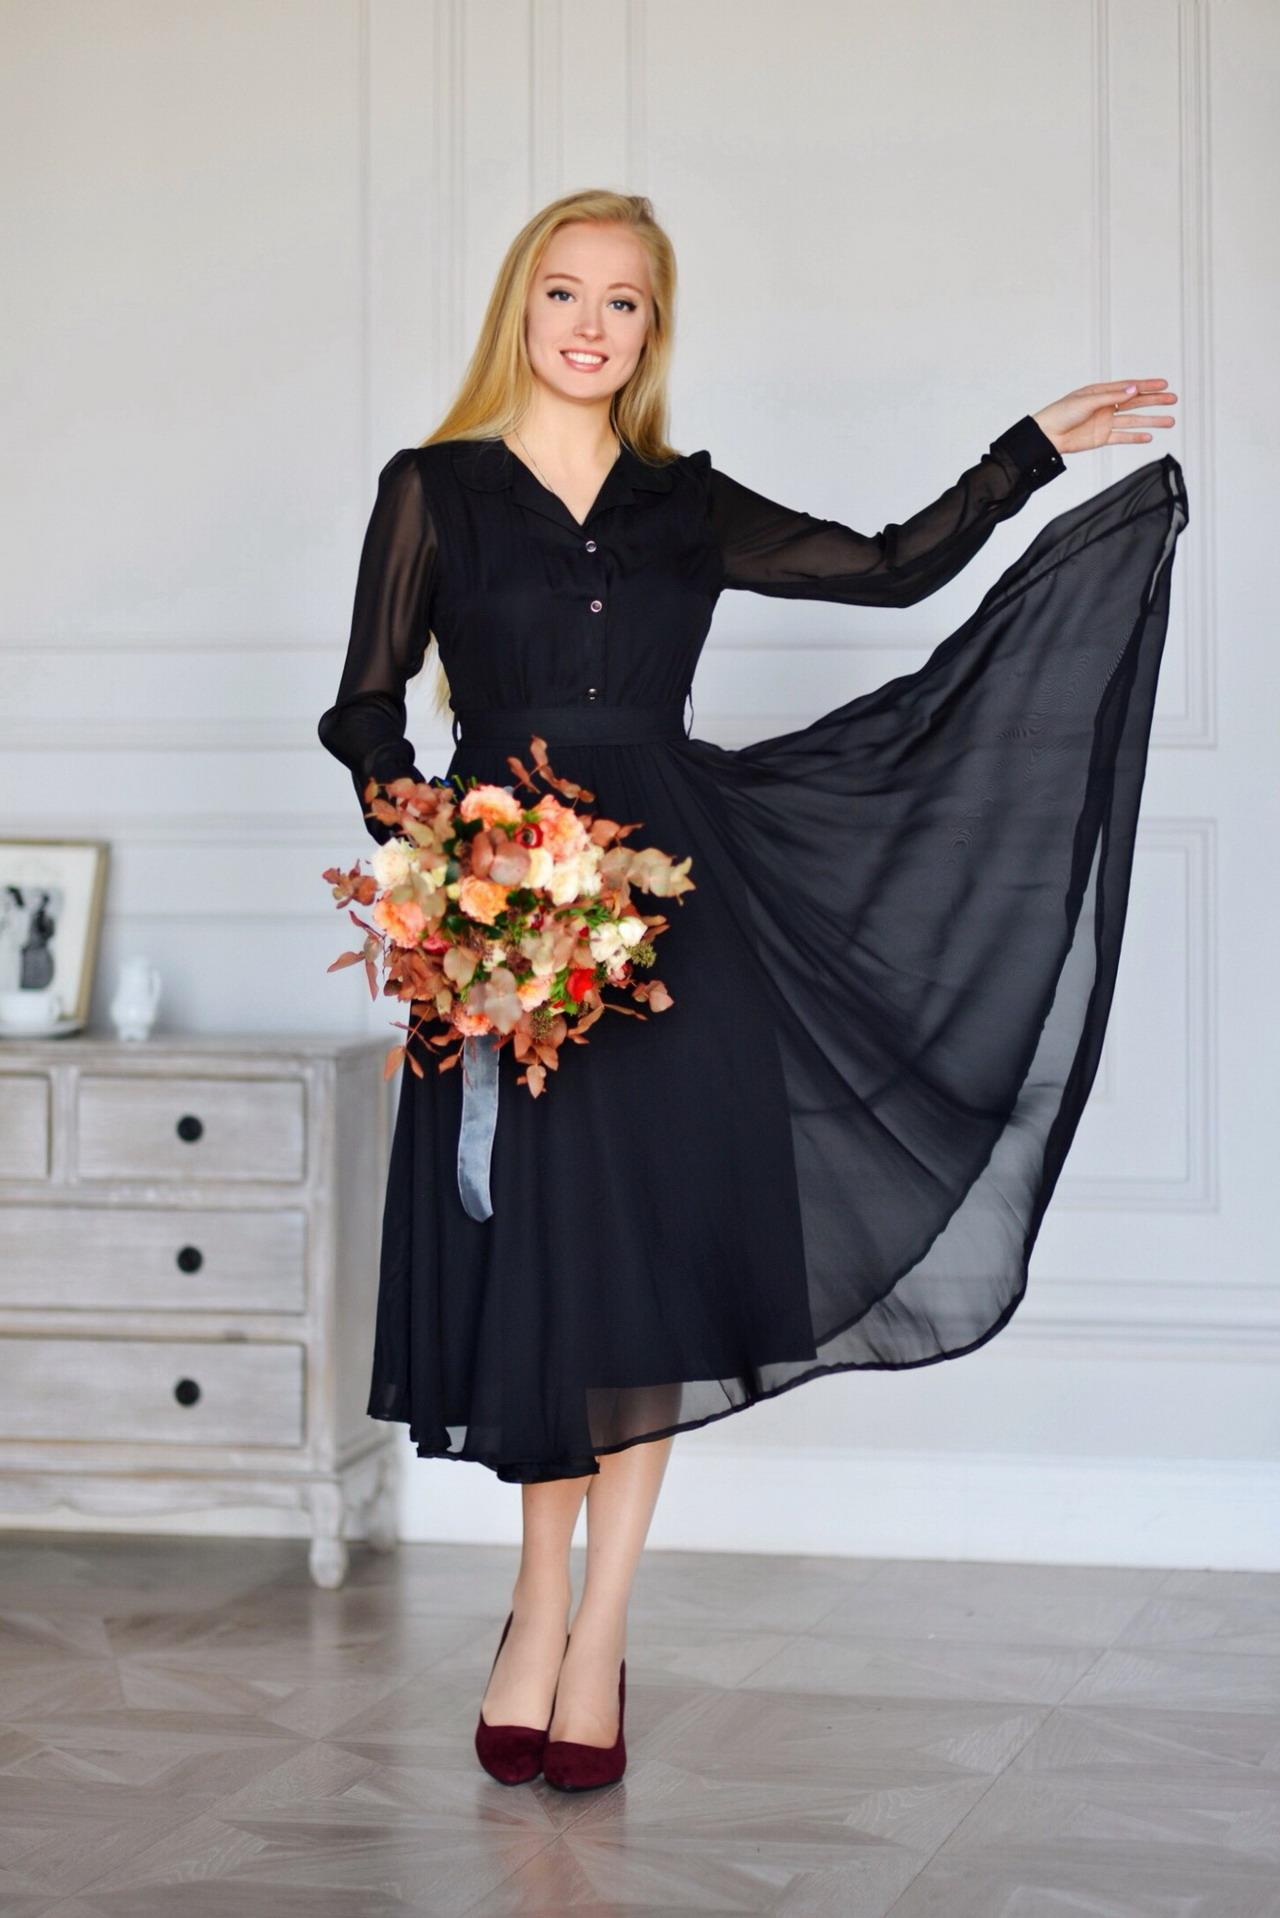 Главная   Интернет магазин женской одежды «Ксенюшка» 7a2d2c358d4